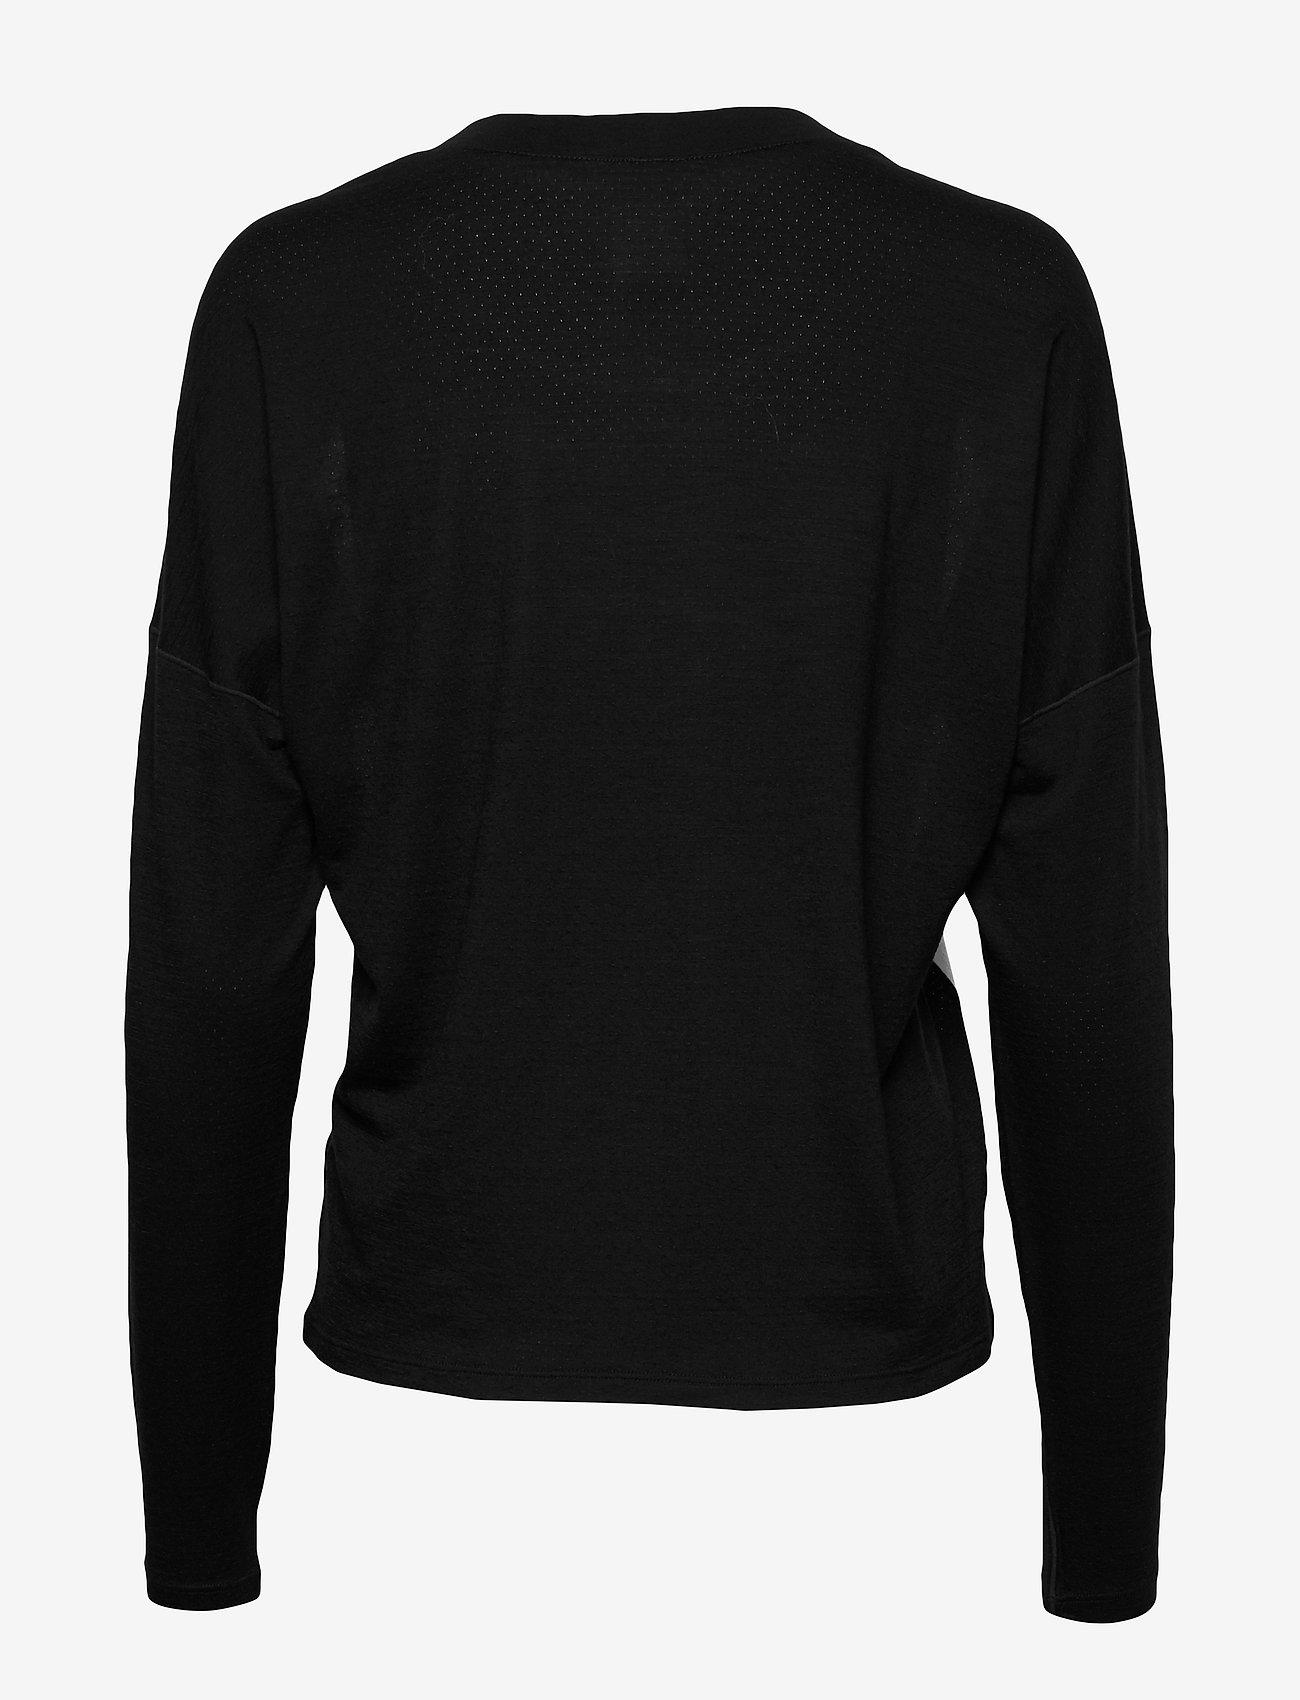 Icebreaker - Wmns Kinetica LS Crewe - långärmade tröjor - snow/black - 1